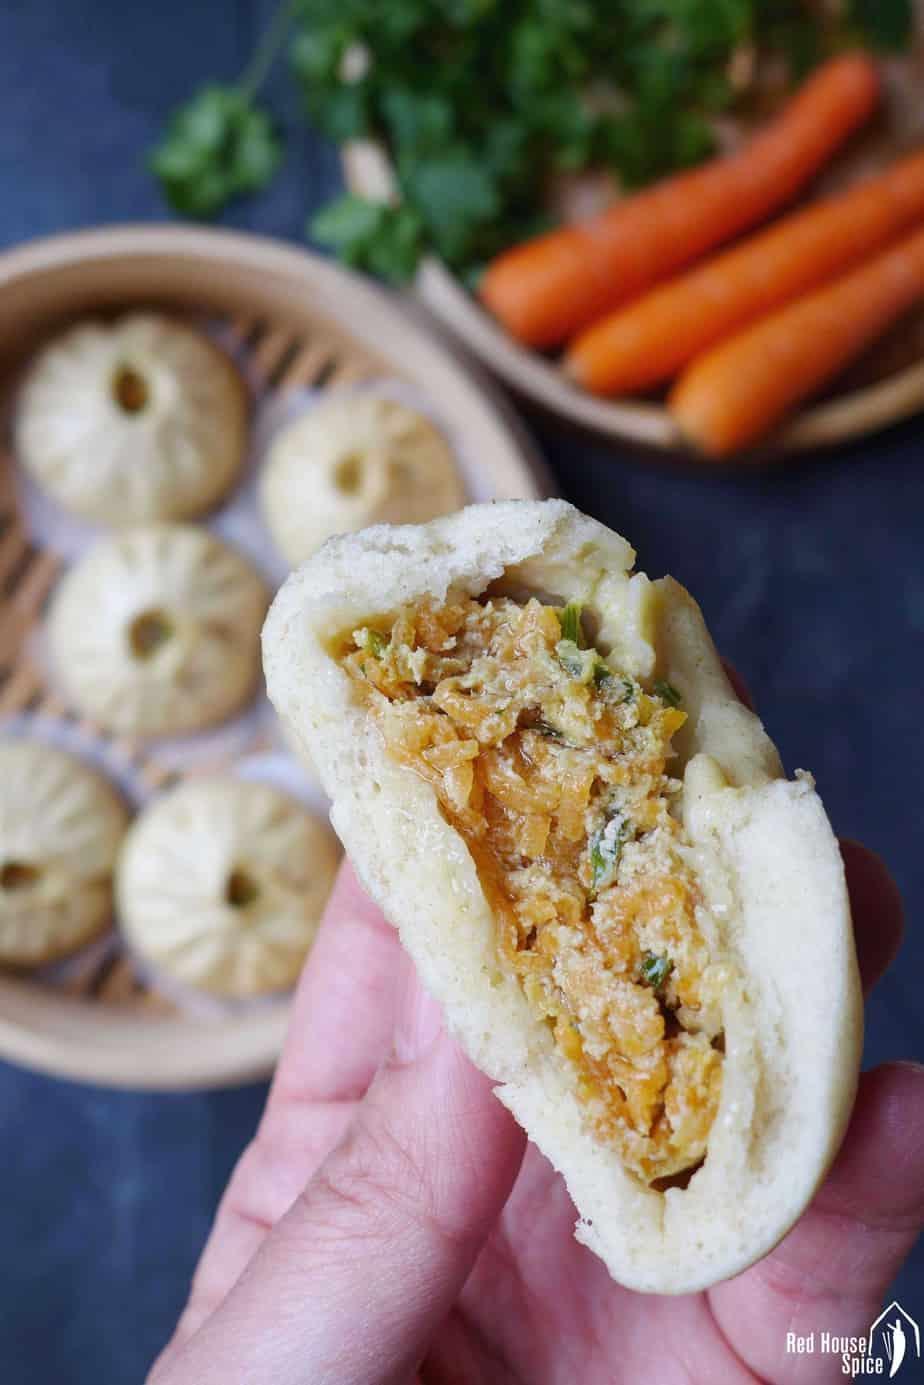 A half eaten steamed bao bun showing the meat & veggie filling.